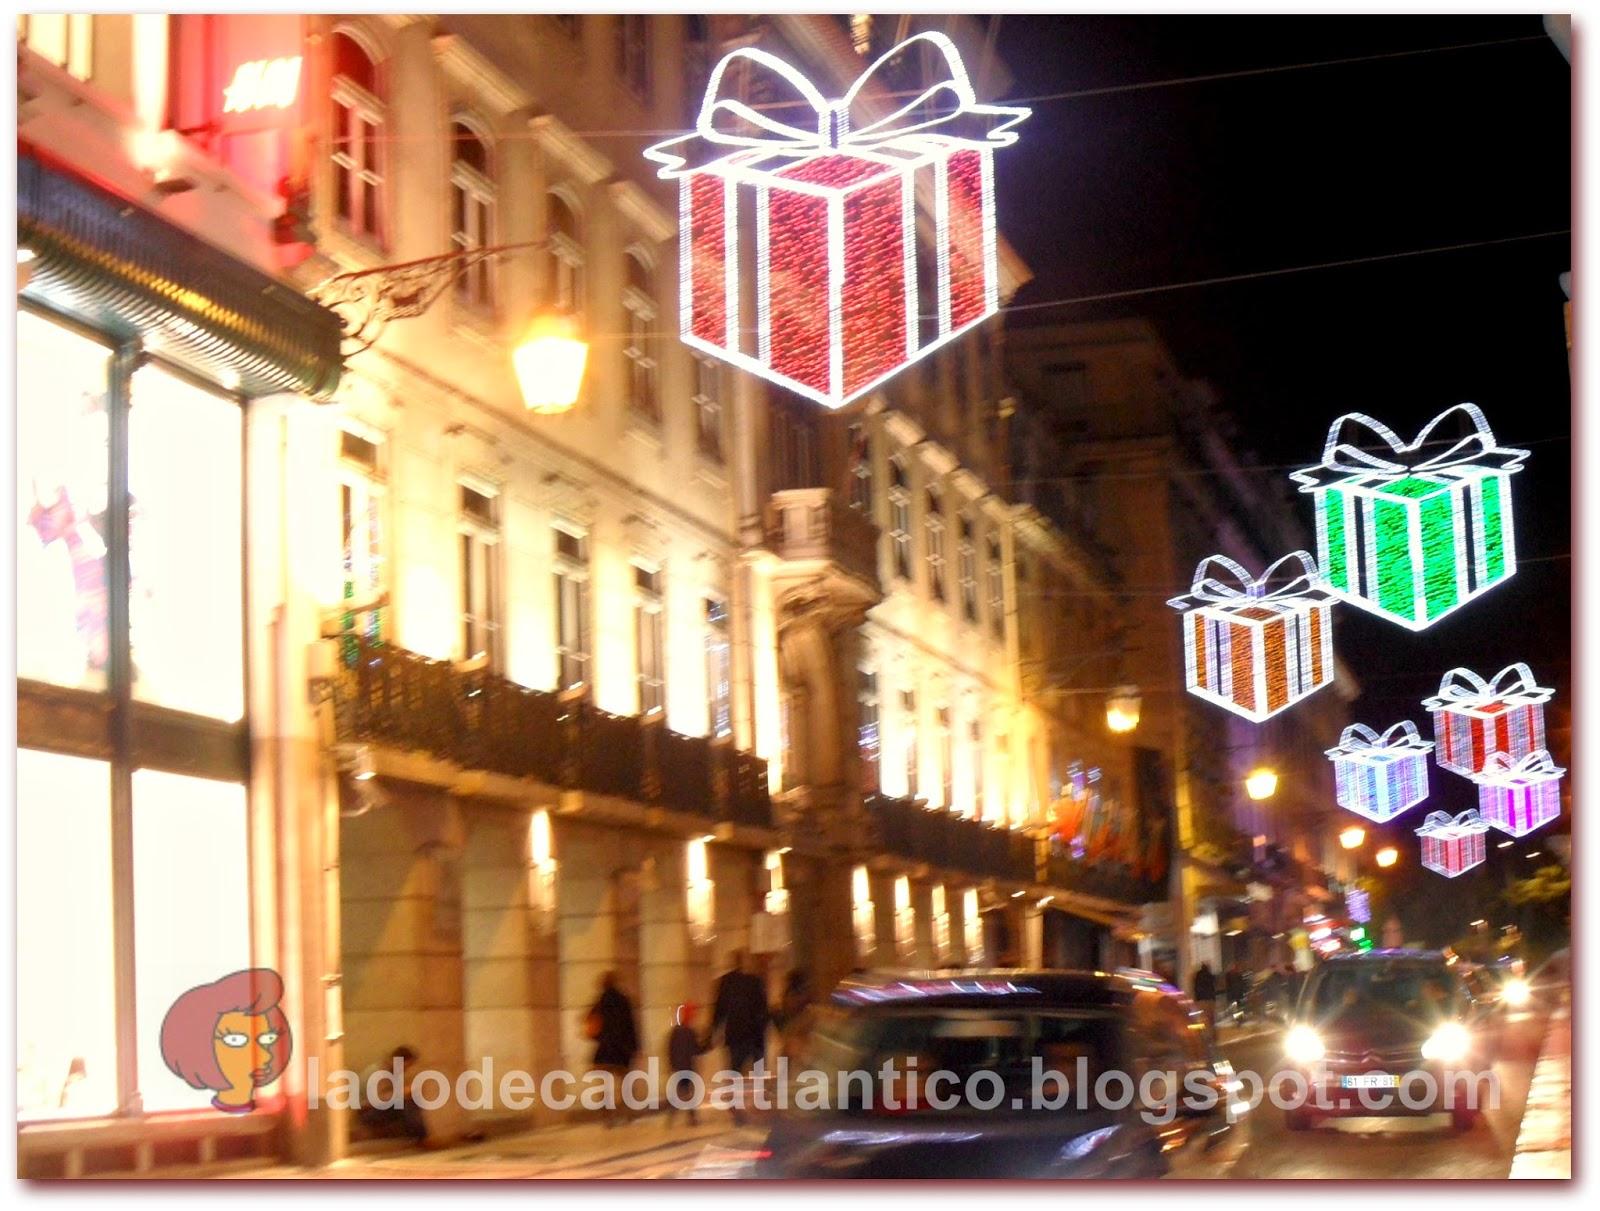 Iluminação natalícia em forma de caixas de presentes da Rua do Ouro de Lisboa, em 2014.